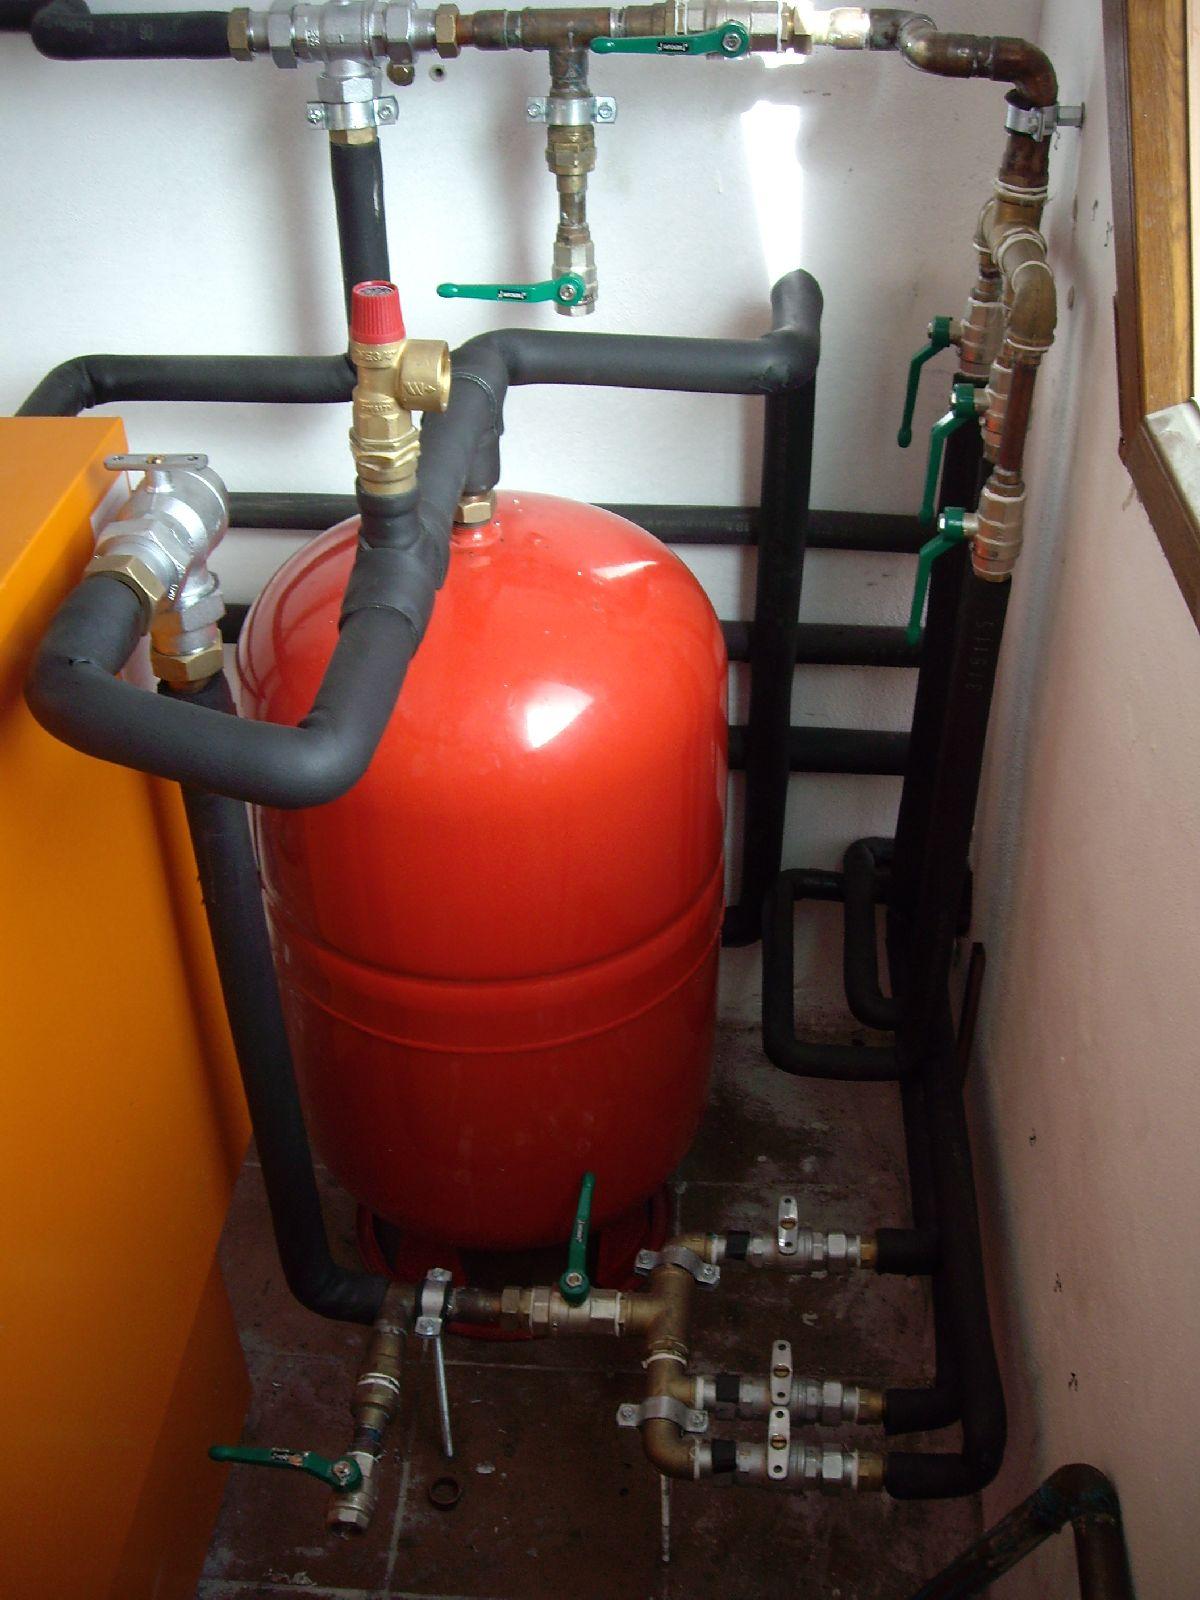 Instalacion de calefaccion solar - Caldera no calienta agua si calefaccion ...